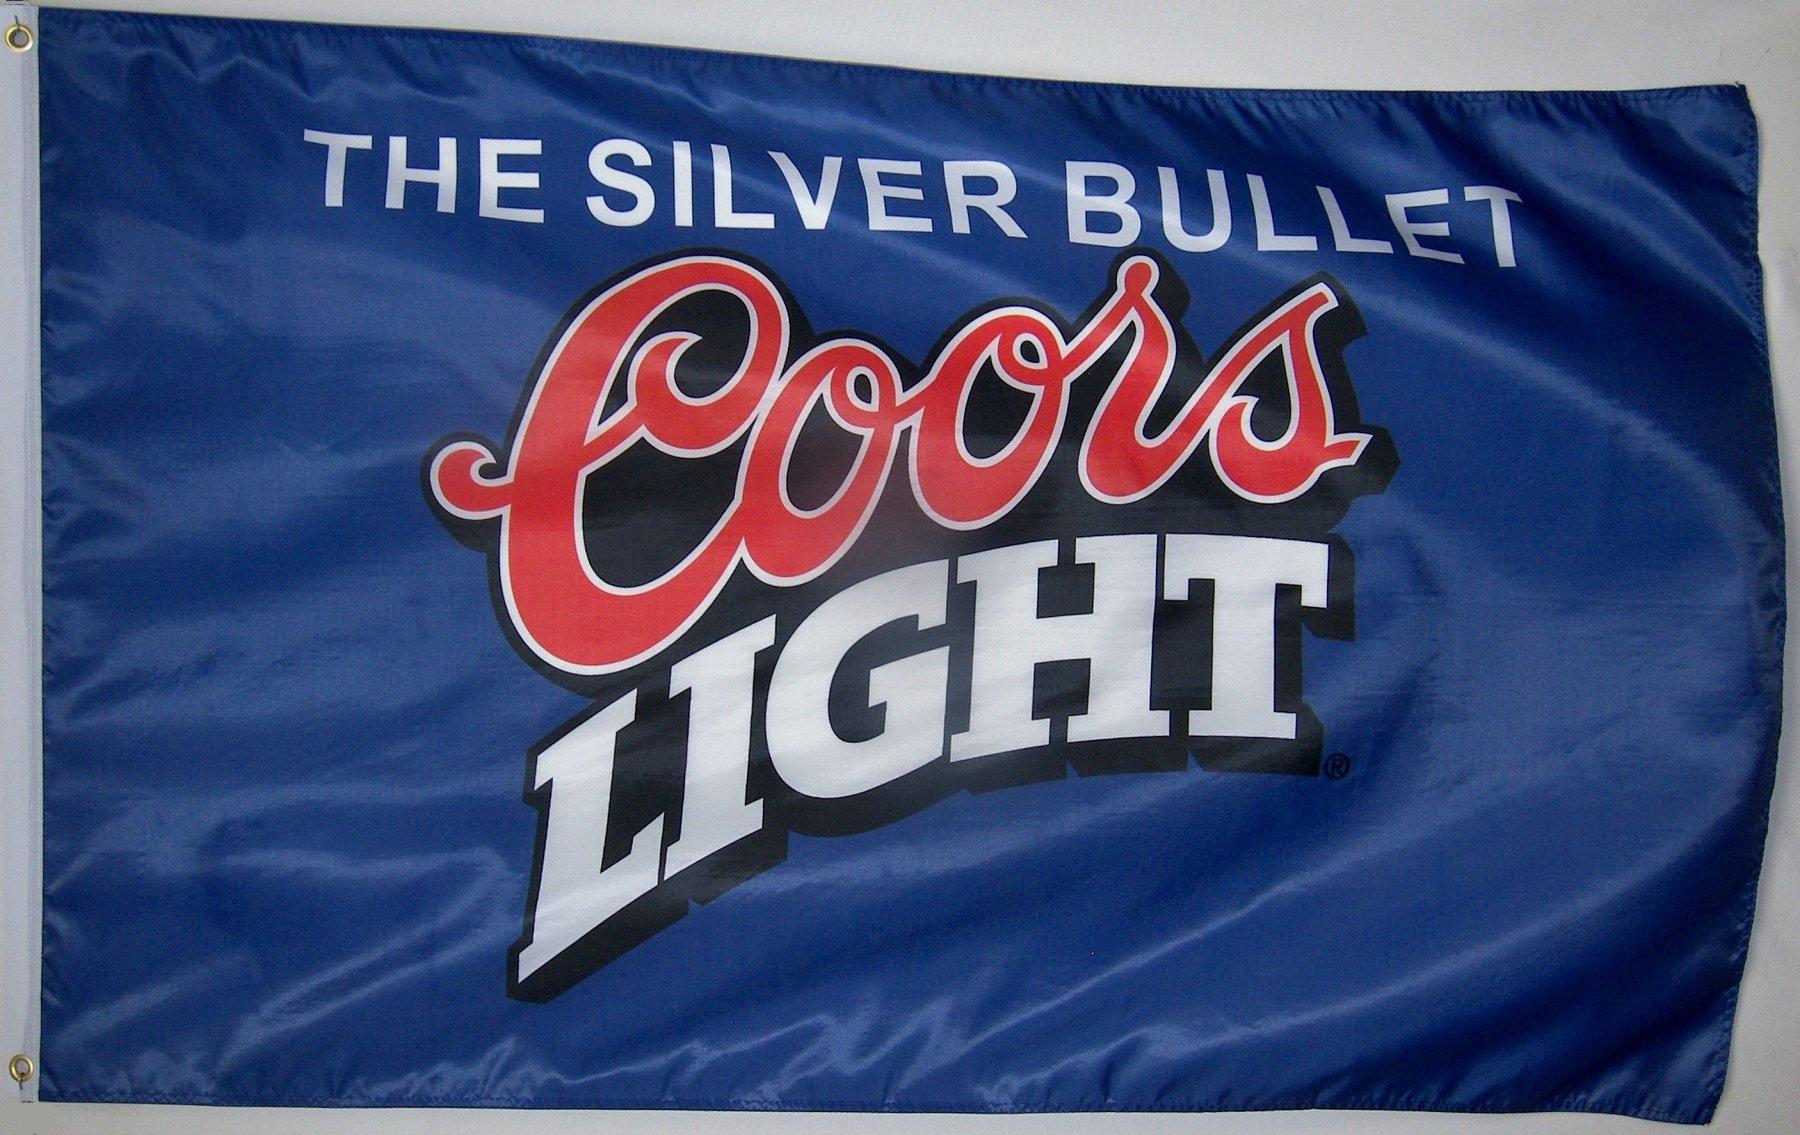 Coors Light Blue Beer Flag 3' X 5' Indoor Outdoor Silver Bullet Banner